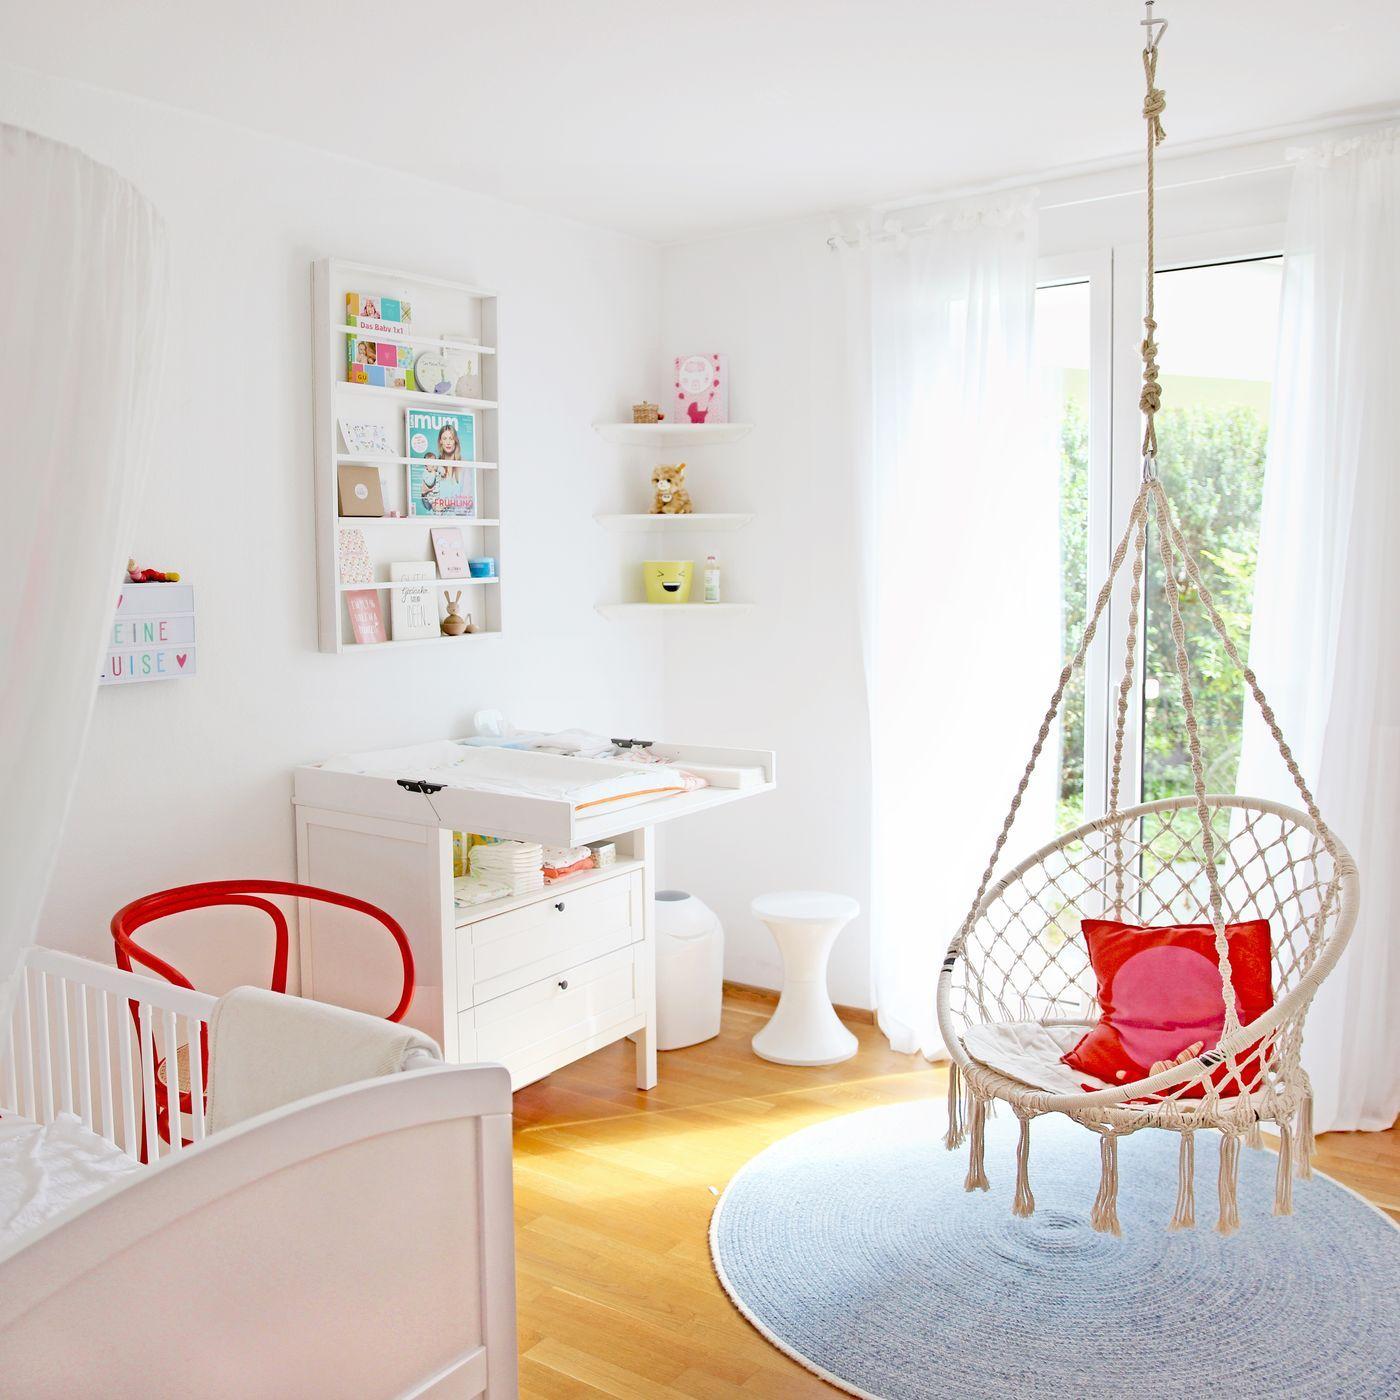 Full Size of Kinderzimmer Wanddeko Schnsten Ideen Fr Dein Ikea Küche Regal Regale Sofa Weiß Kinderzimmer Kinderzimmer Wanddeko